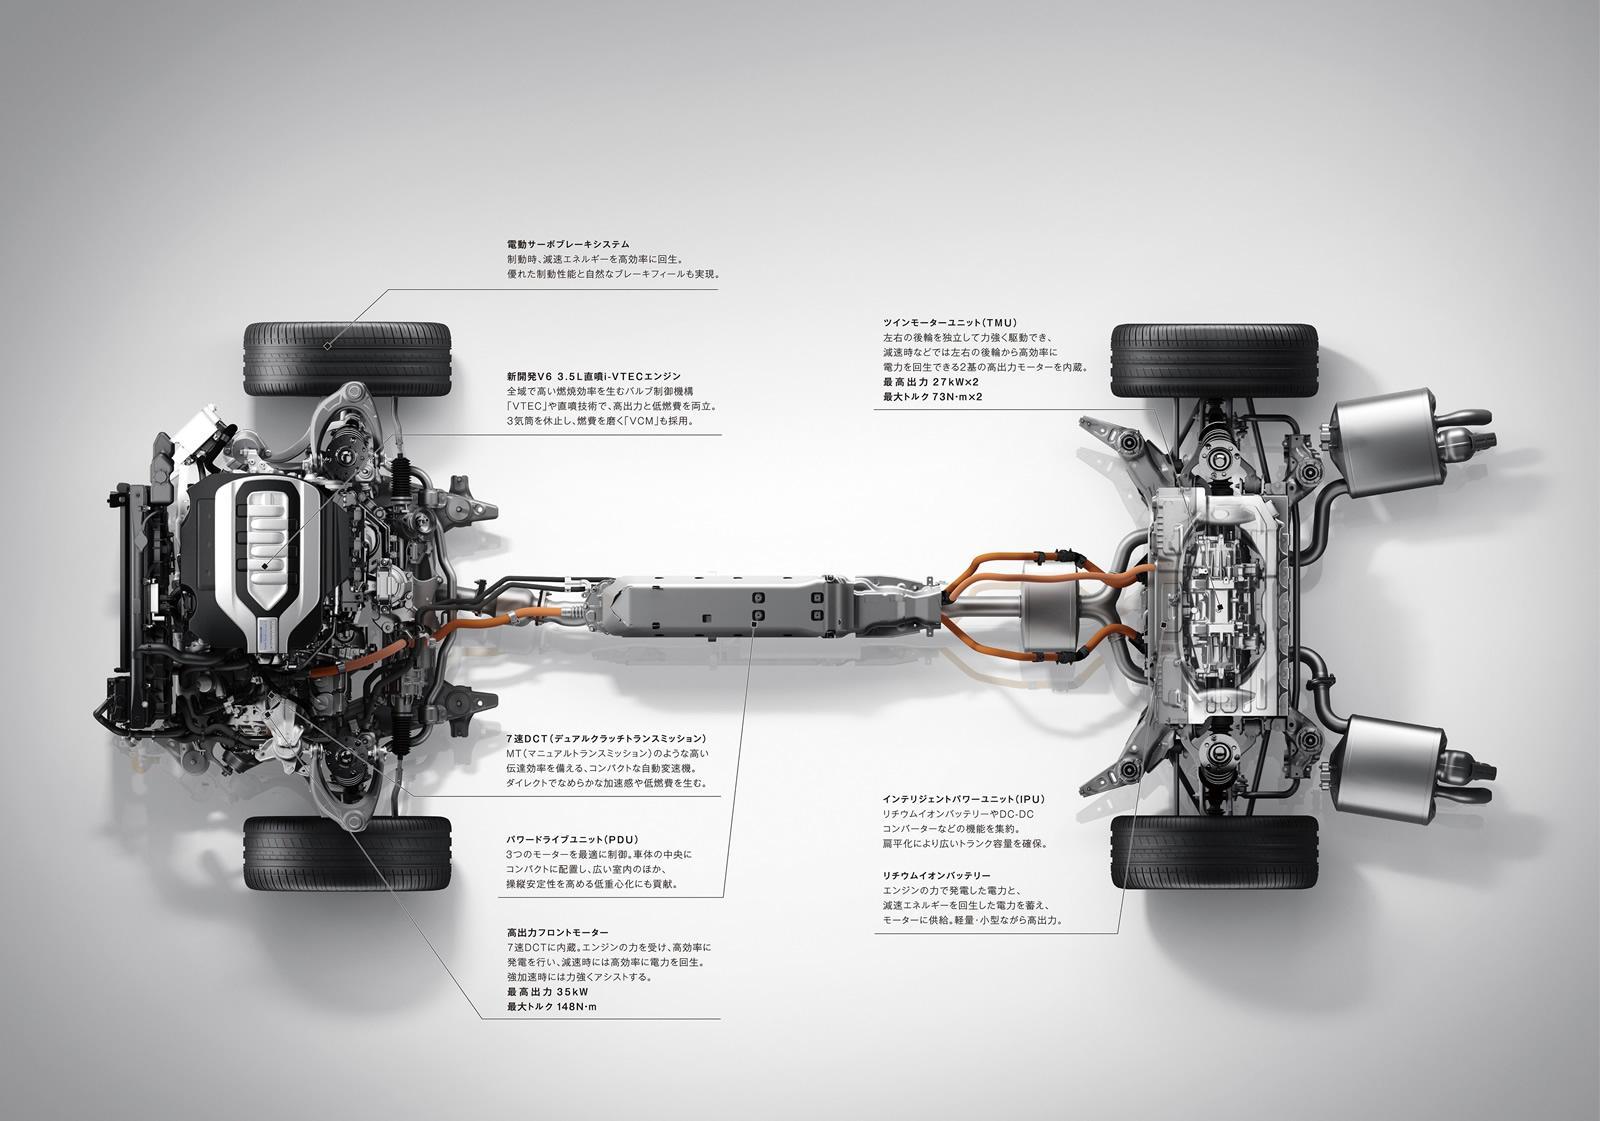 2014 ram 1500 sport manual